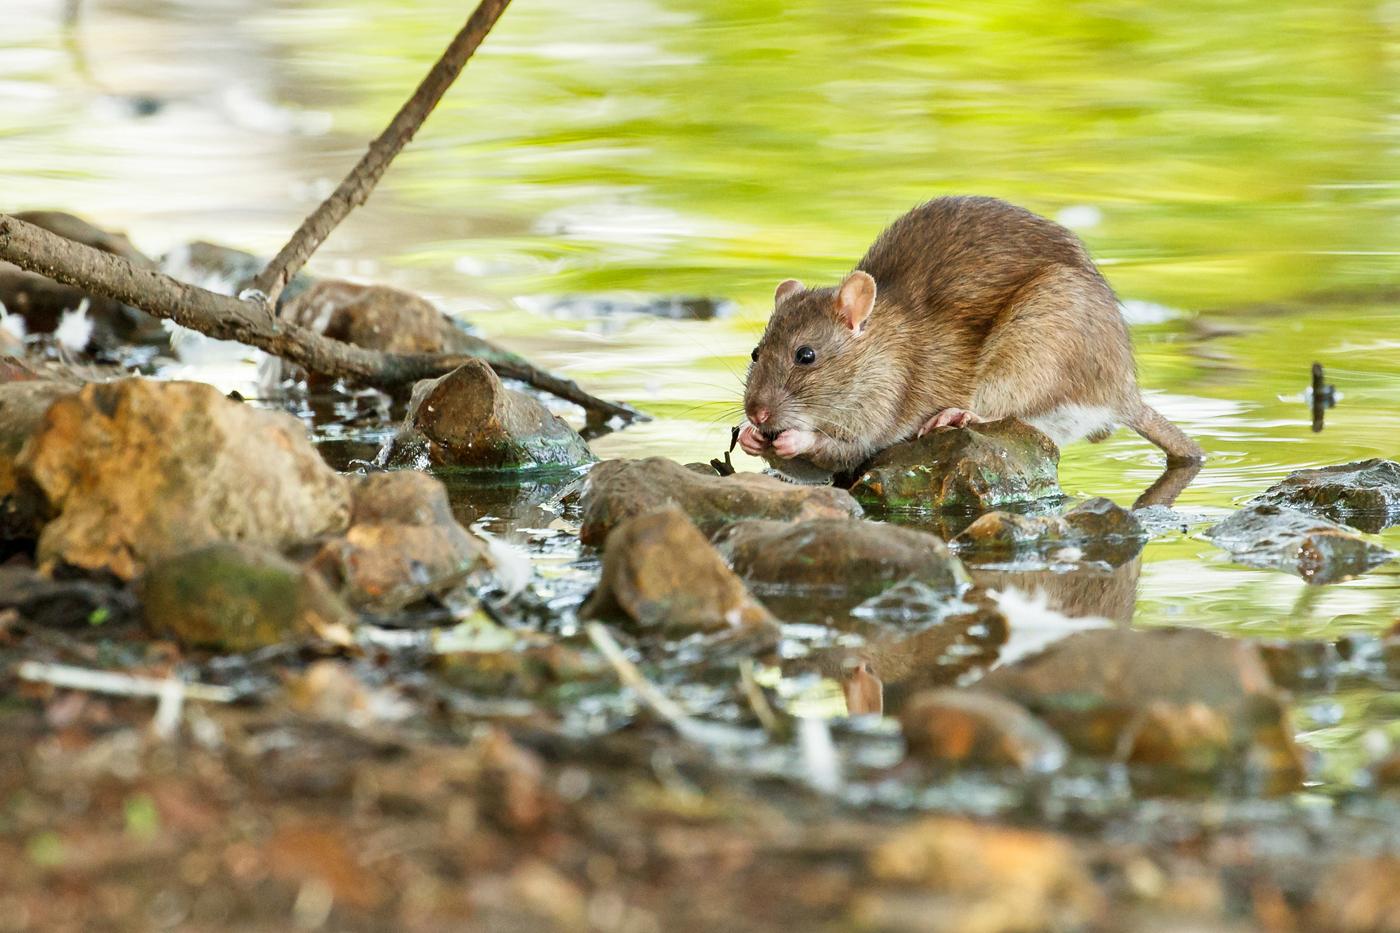 Rat at Falmer Pond, East Sussex